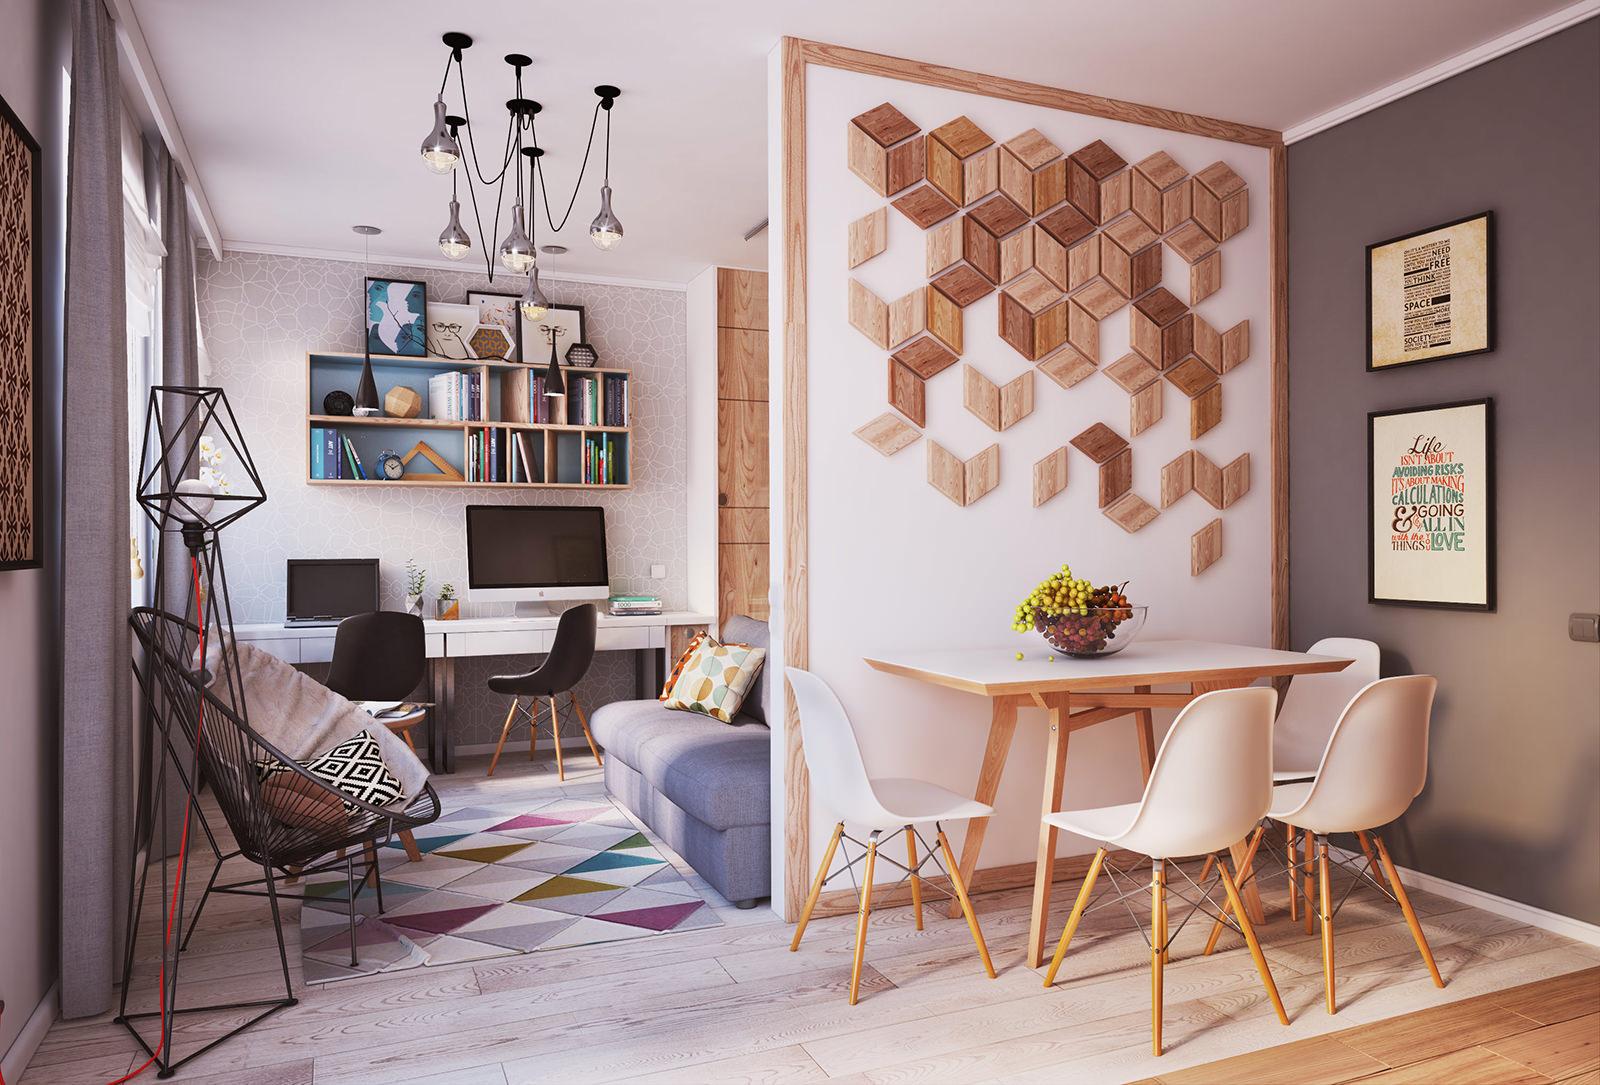 Спальня в однокомнатной квартире с гипсокартонной перегородкой